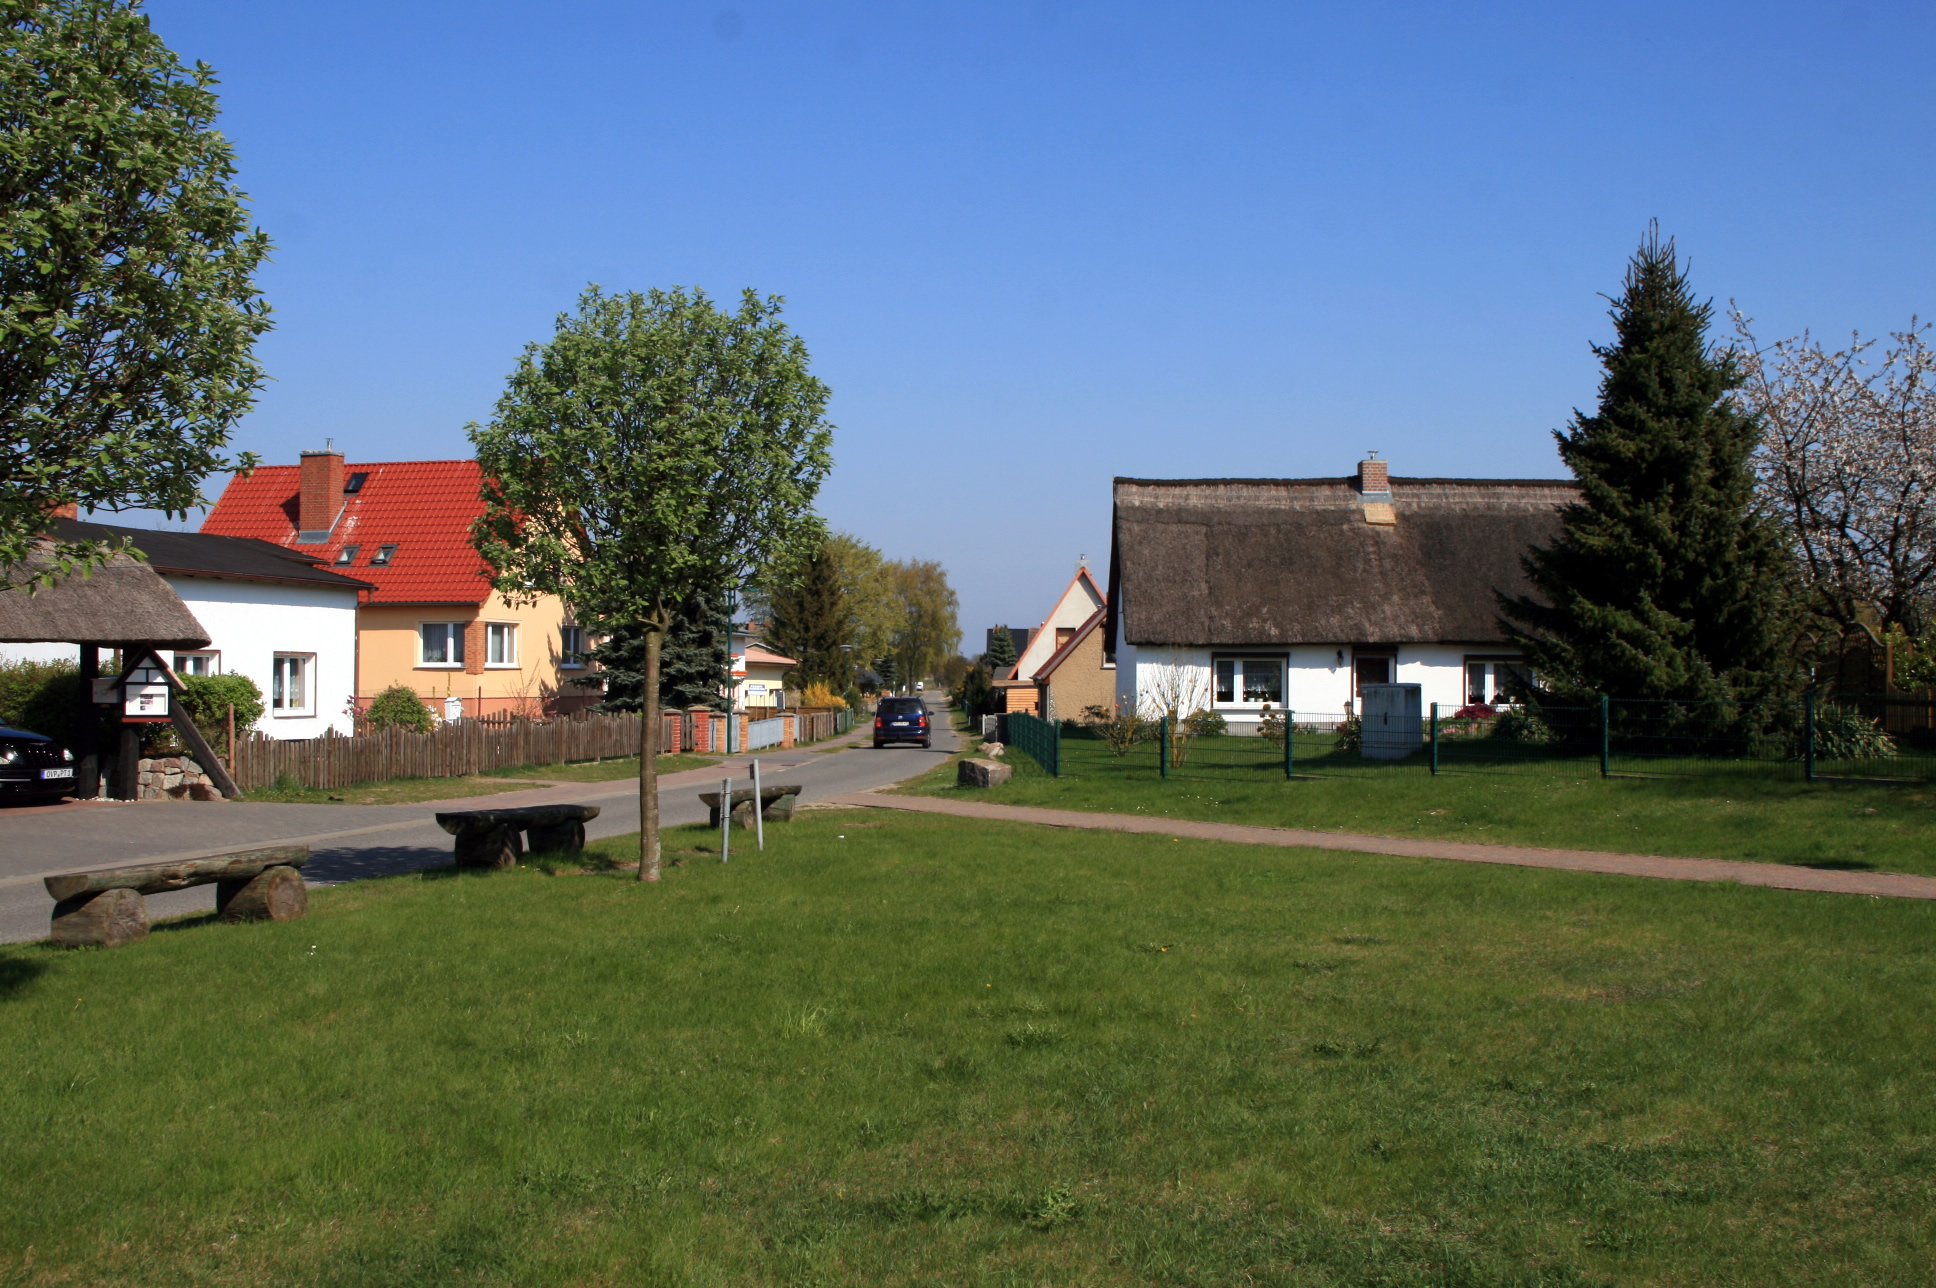 Zempin - Ortskern mit Fischerhaus